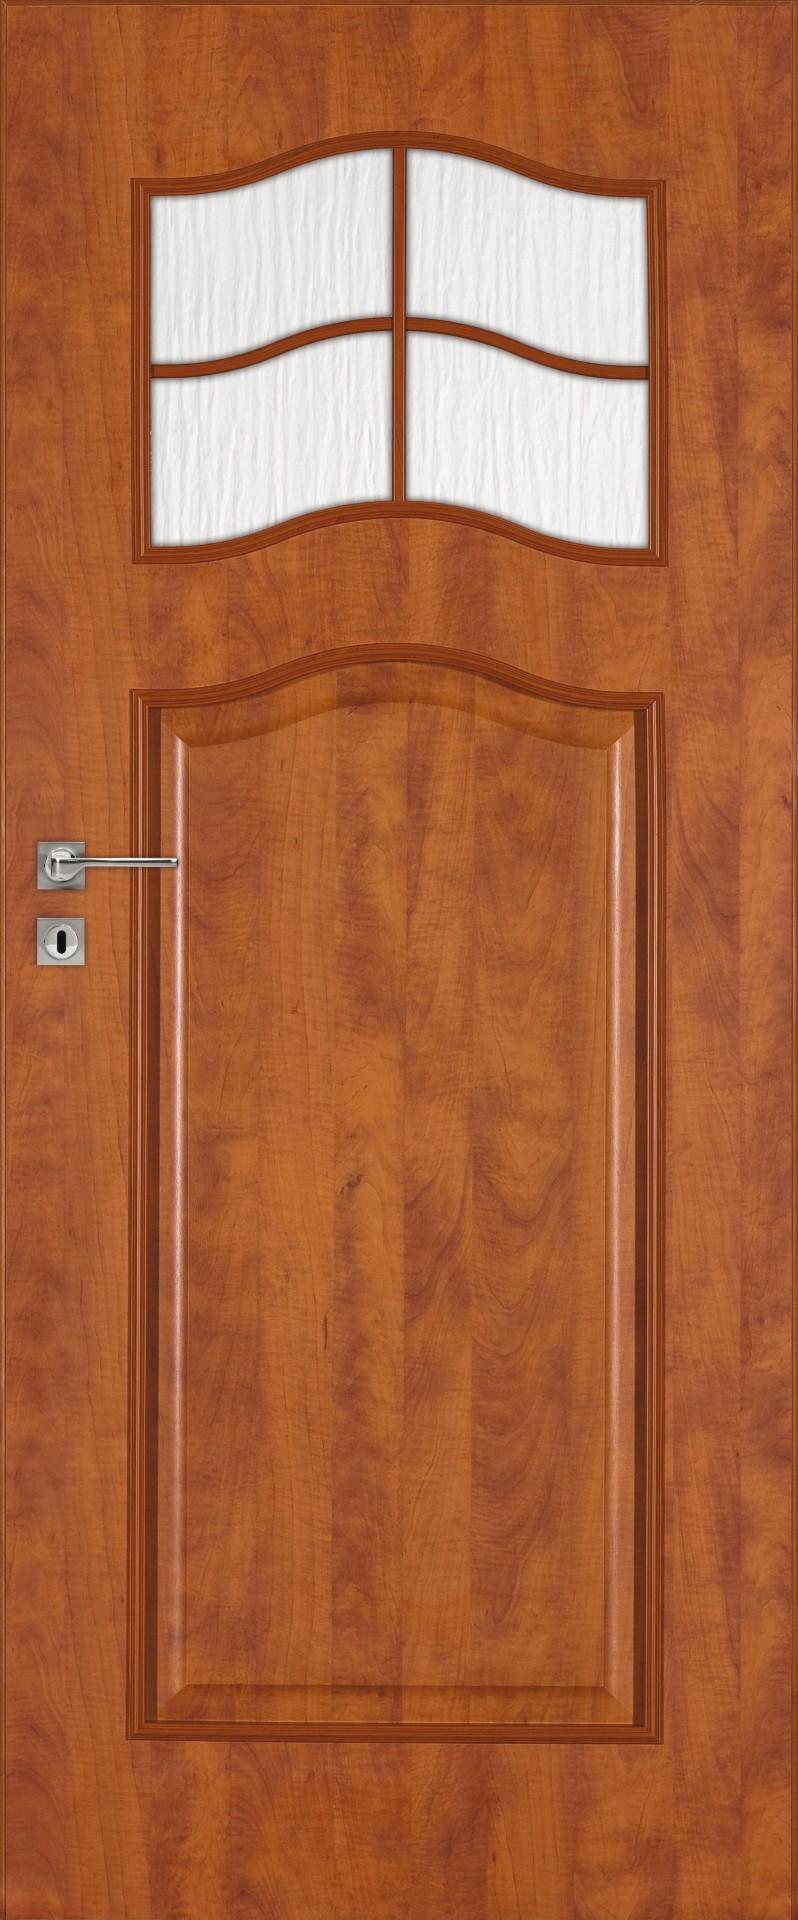 Dre dveře Classic 20s, Šíře v cm 60